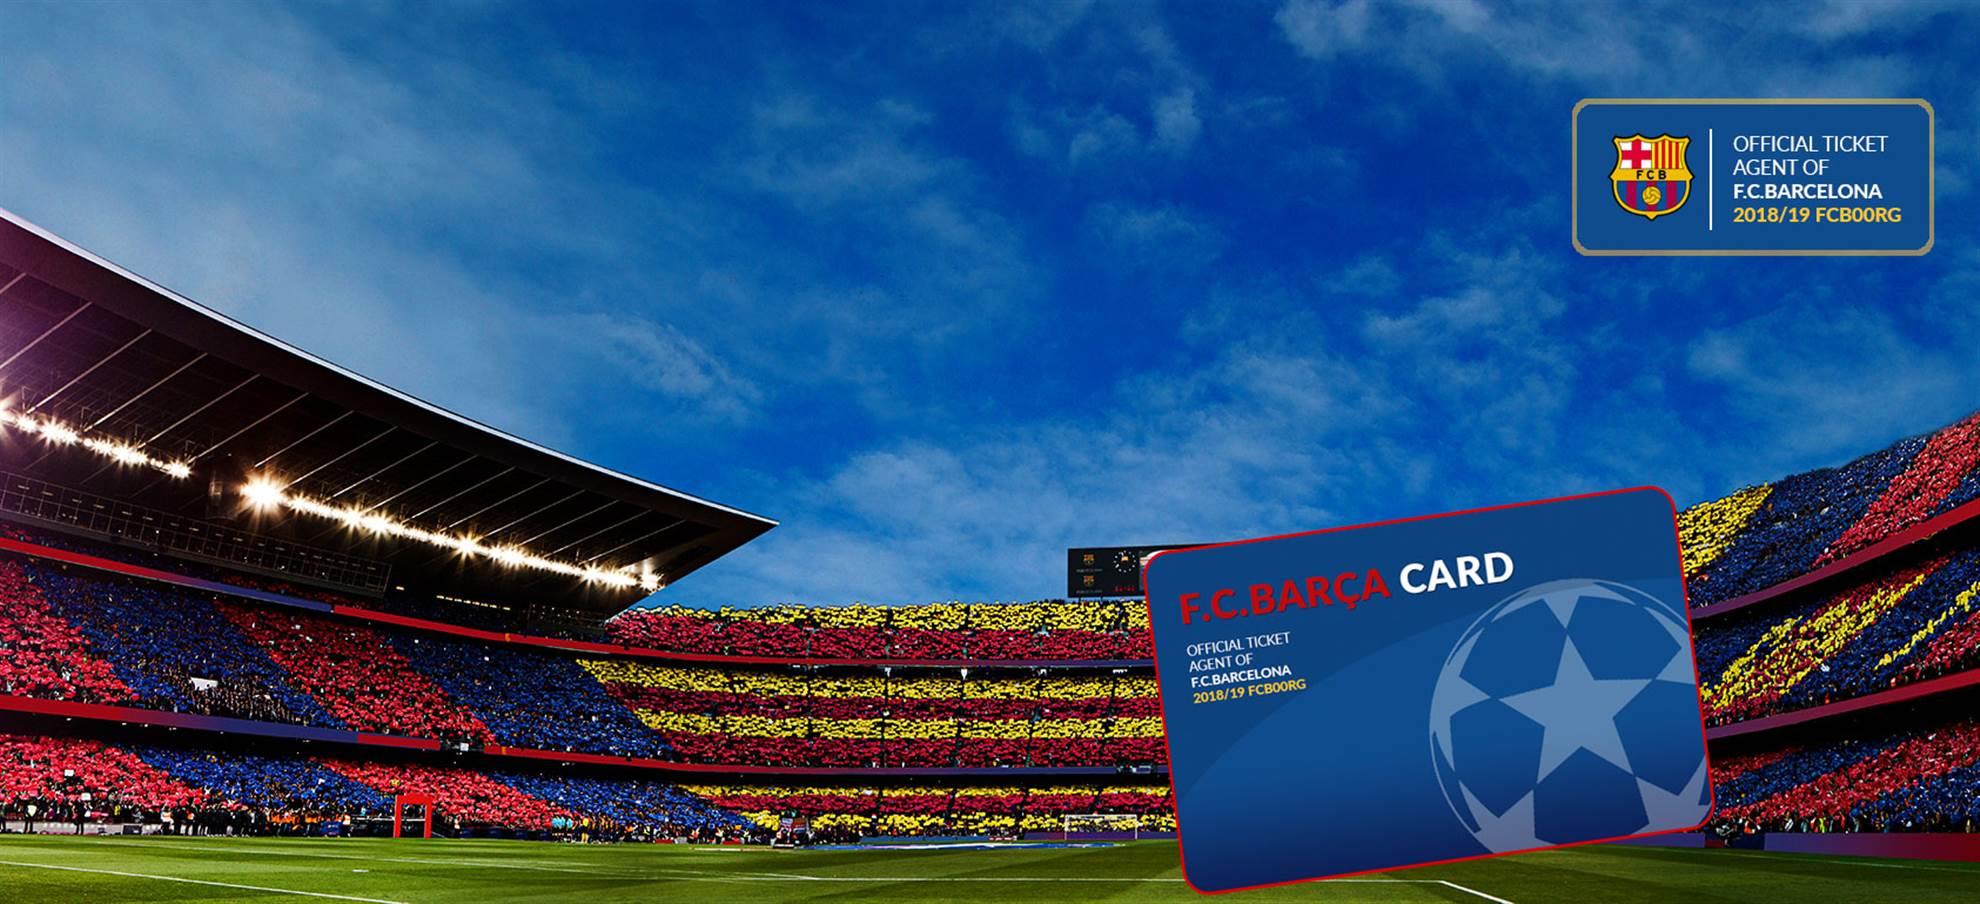 CARTÃO BARÇA 'Um dia de férias perfeito no Camp Nou'